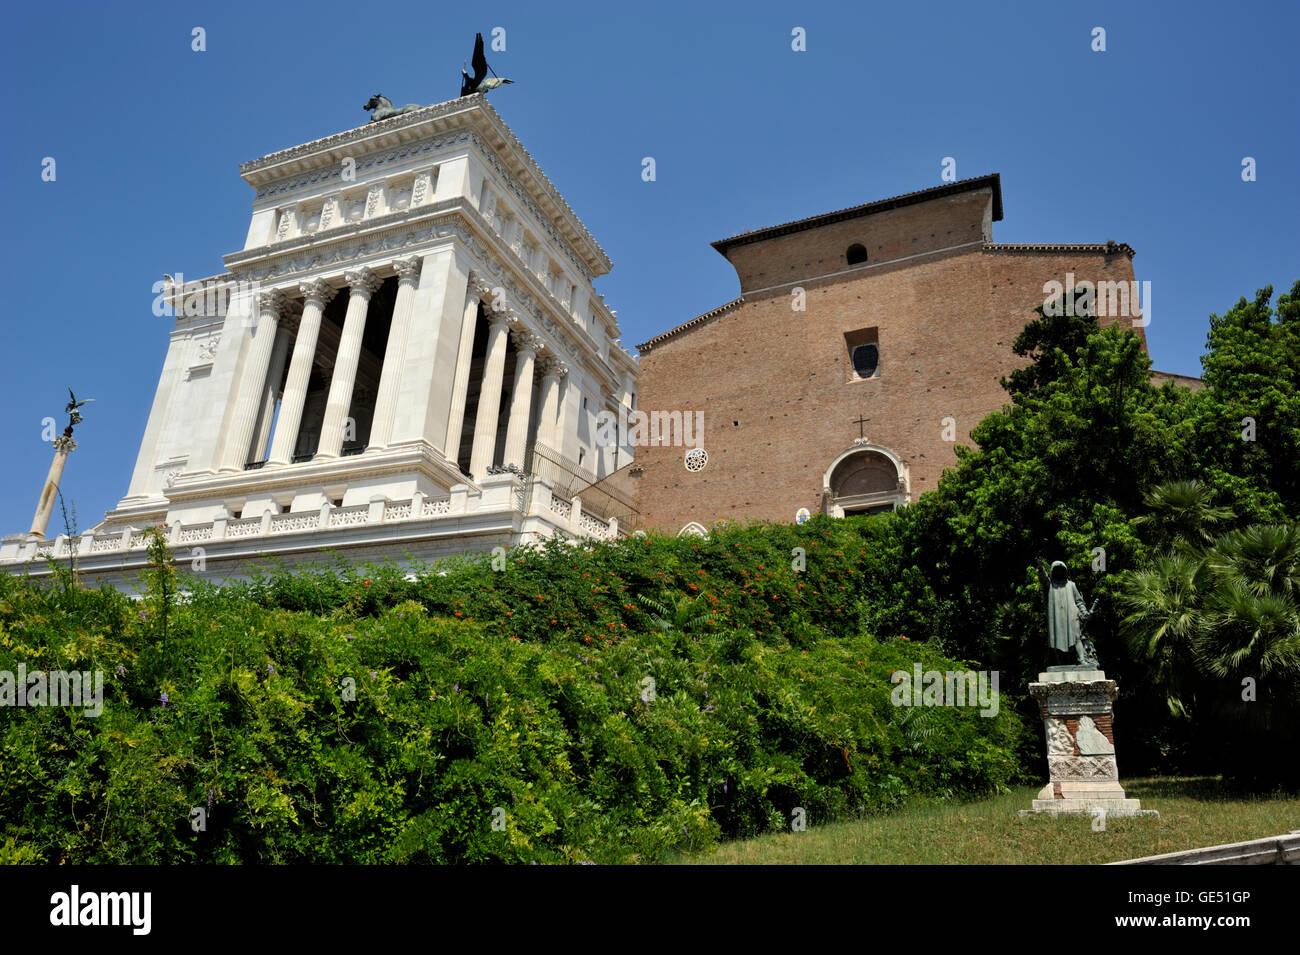 L'Italie, Rome, église de Santa Maria in Aracoeli et vittoriano Photo Stock